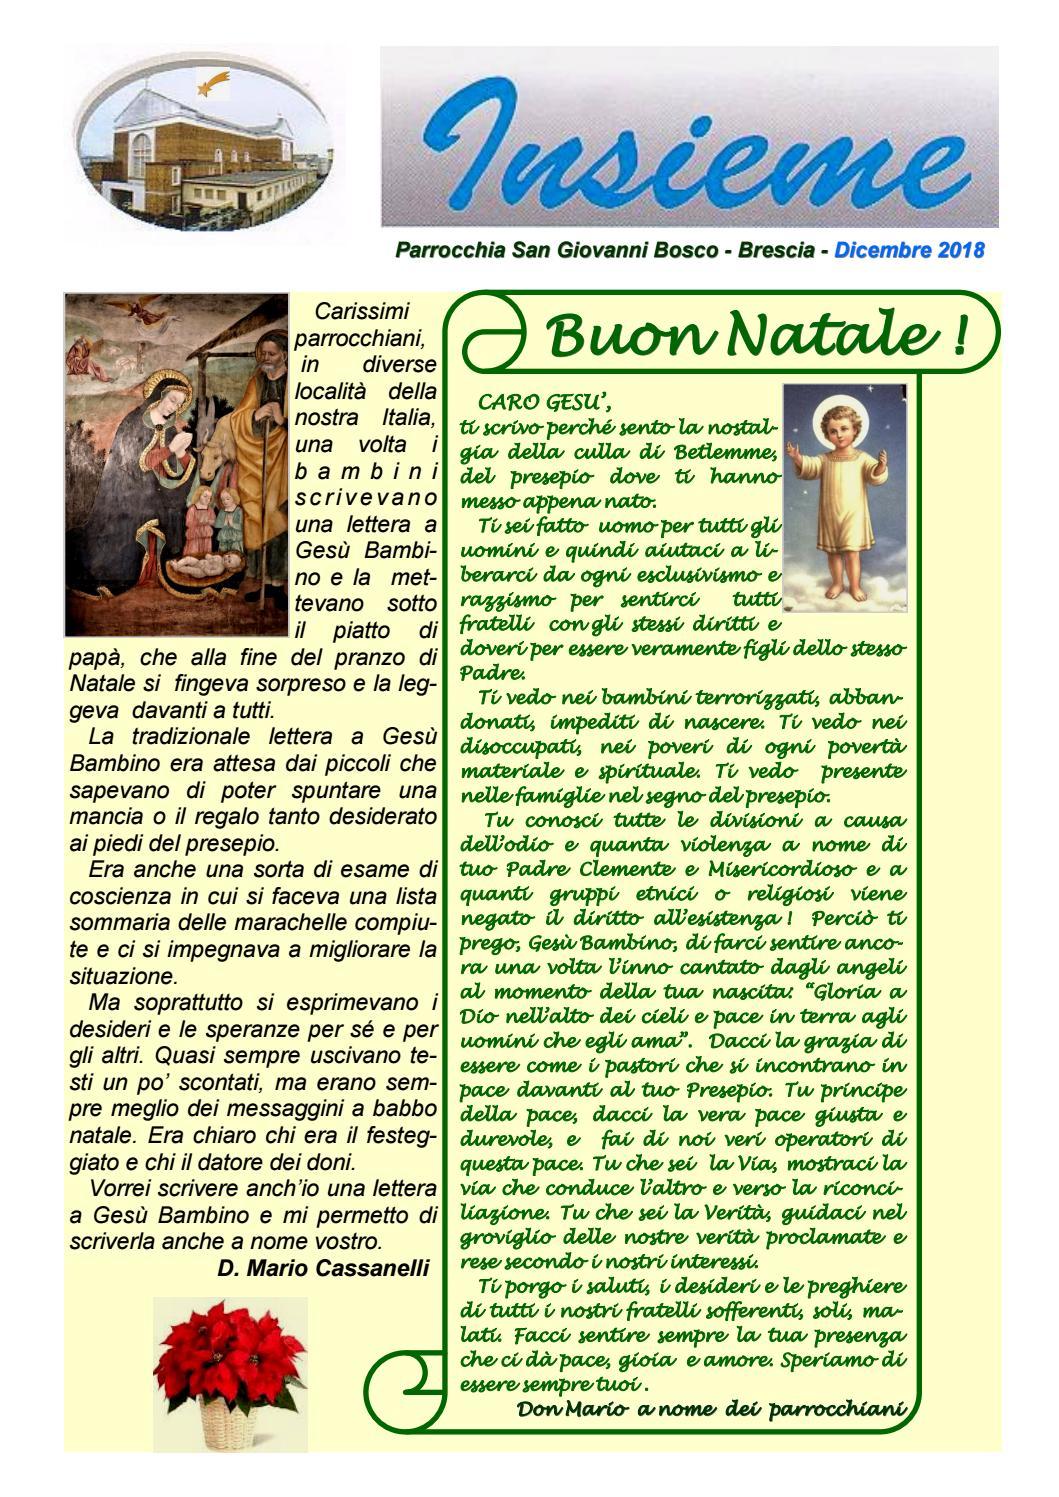 Canzone Auguriamoci Buon Natale.Don Bosco Brescia Insieme Bollettino Parrocchiale Natale 2018 By Oratorio Don Bosco Brescia Issuu